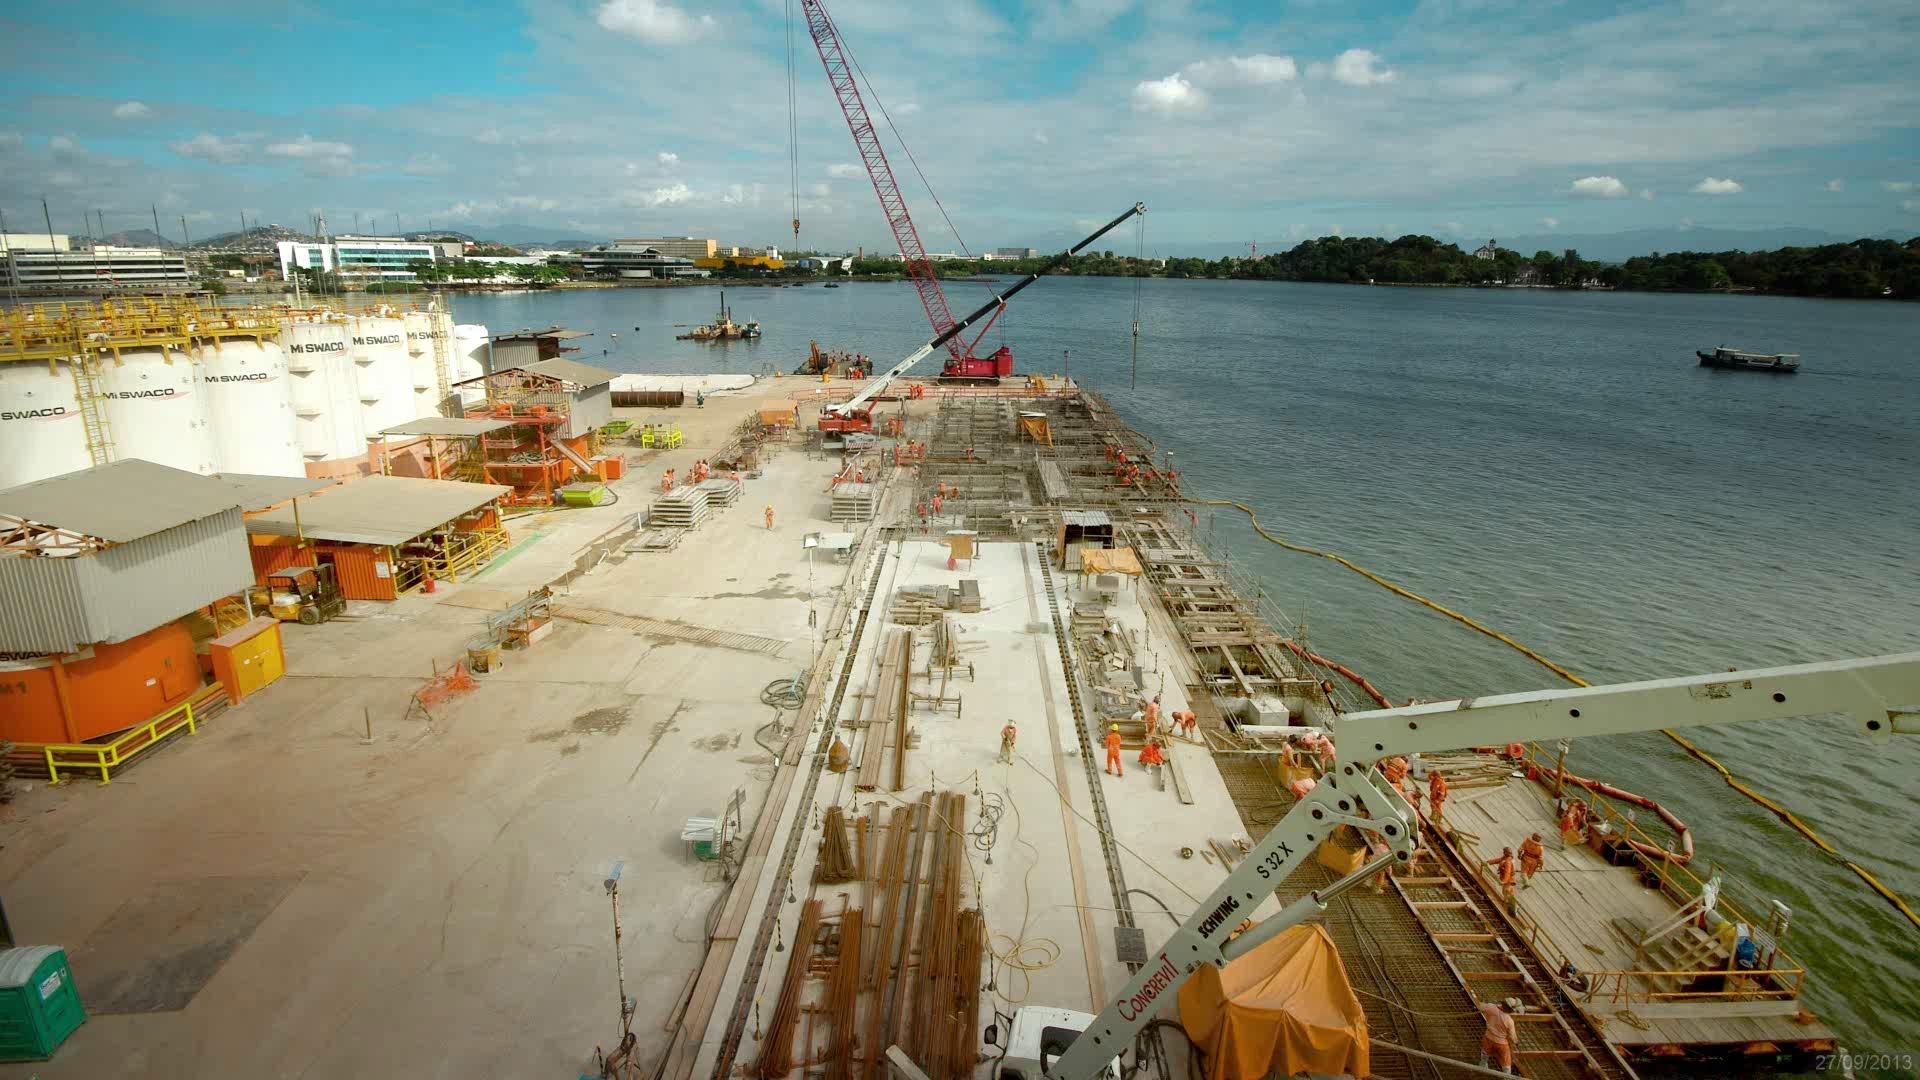 Time lapse obra portuária estaleiro - Fotos/Drones